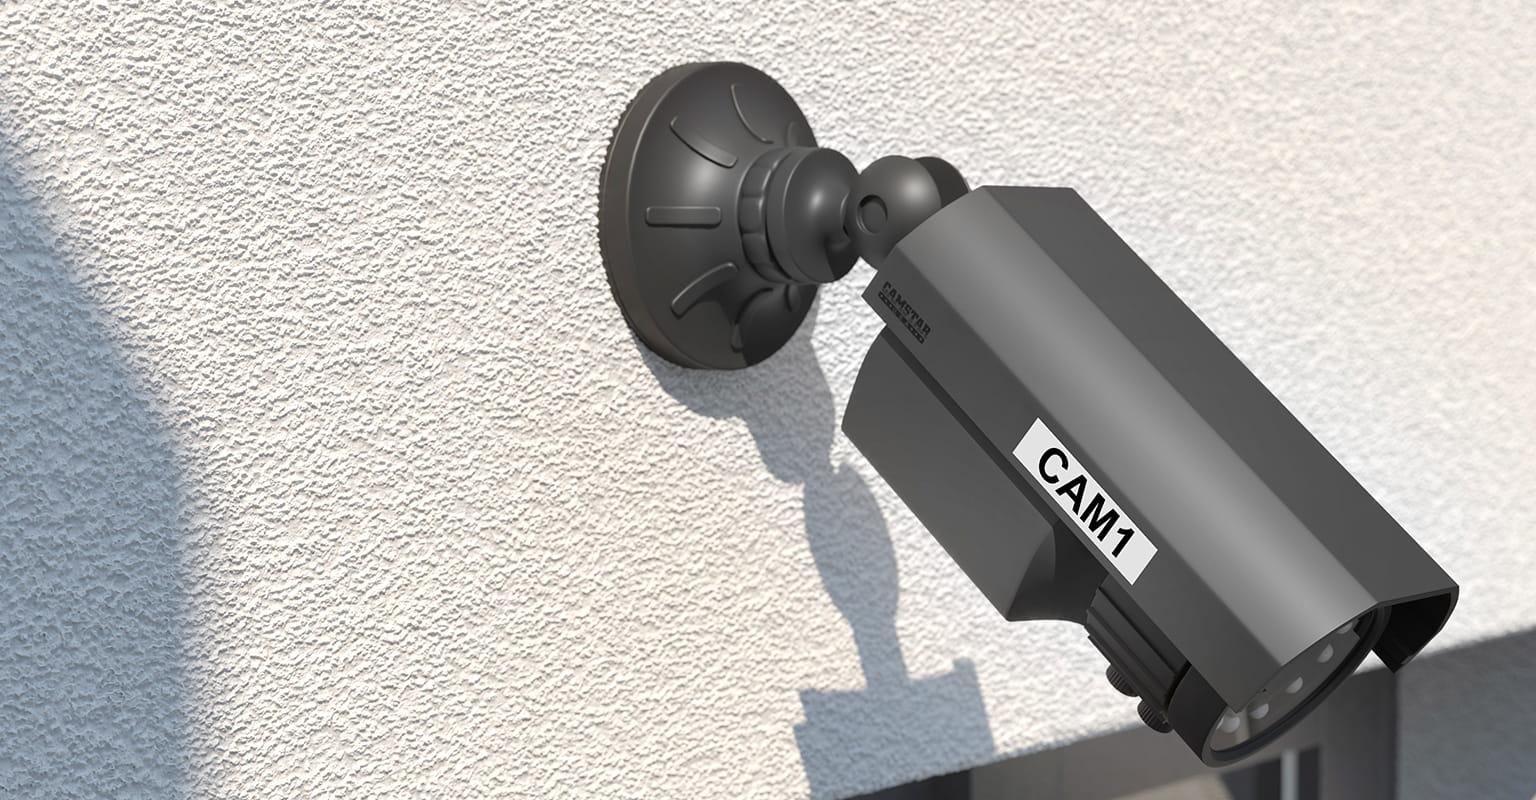 Varnostna kamera CTV, označena s trajno obstojno nalepko Brother P-touch